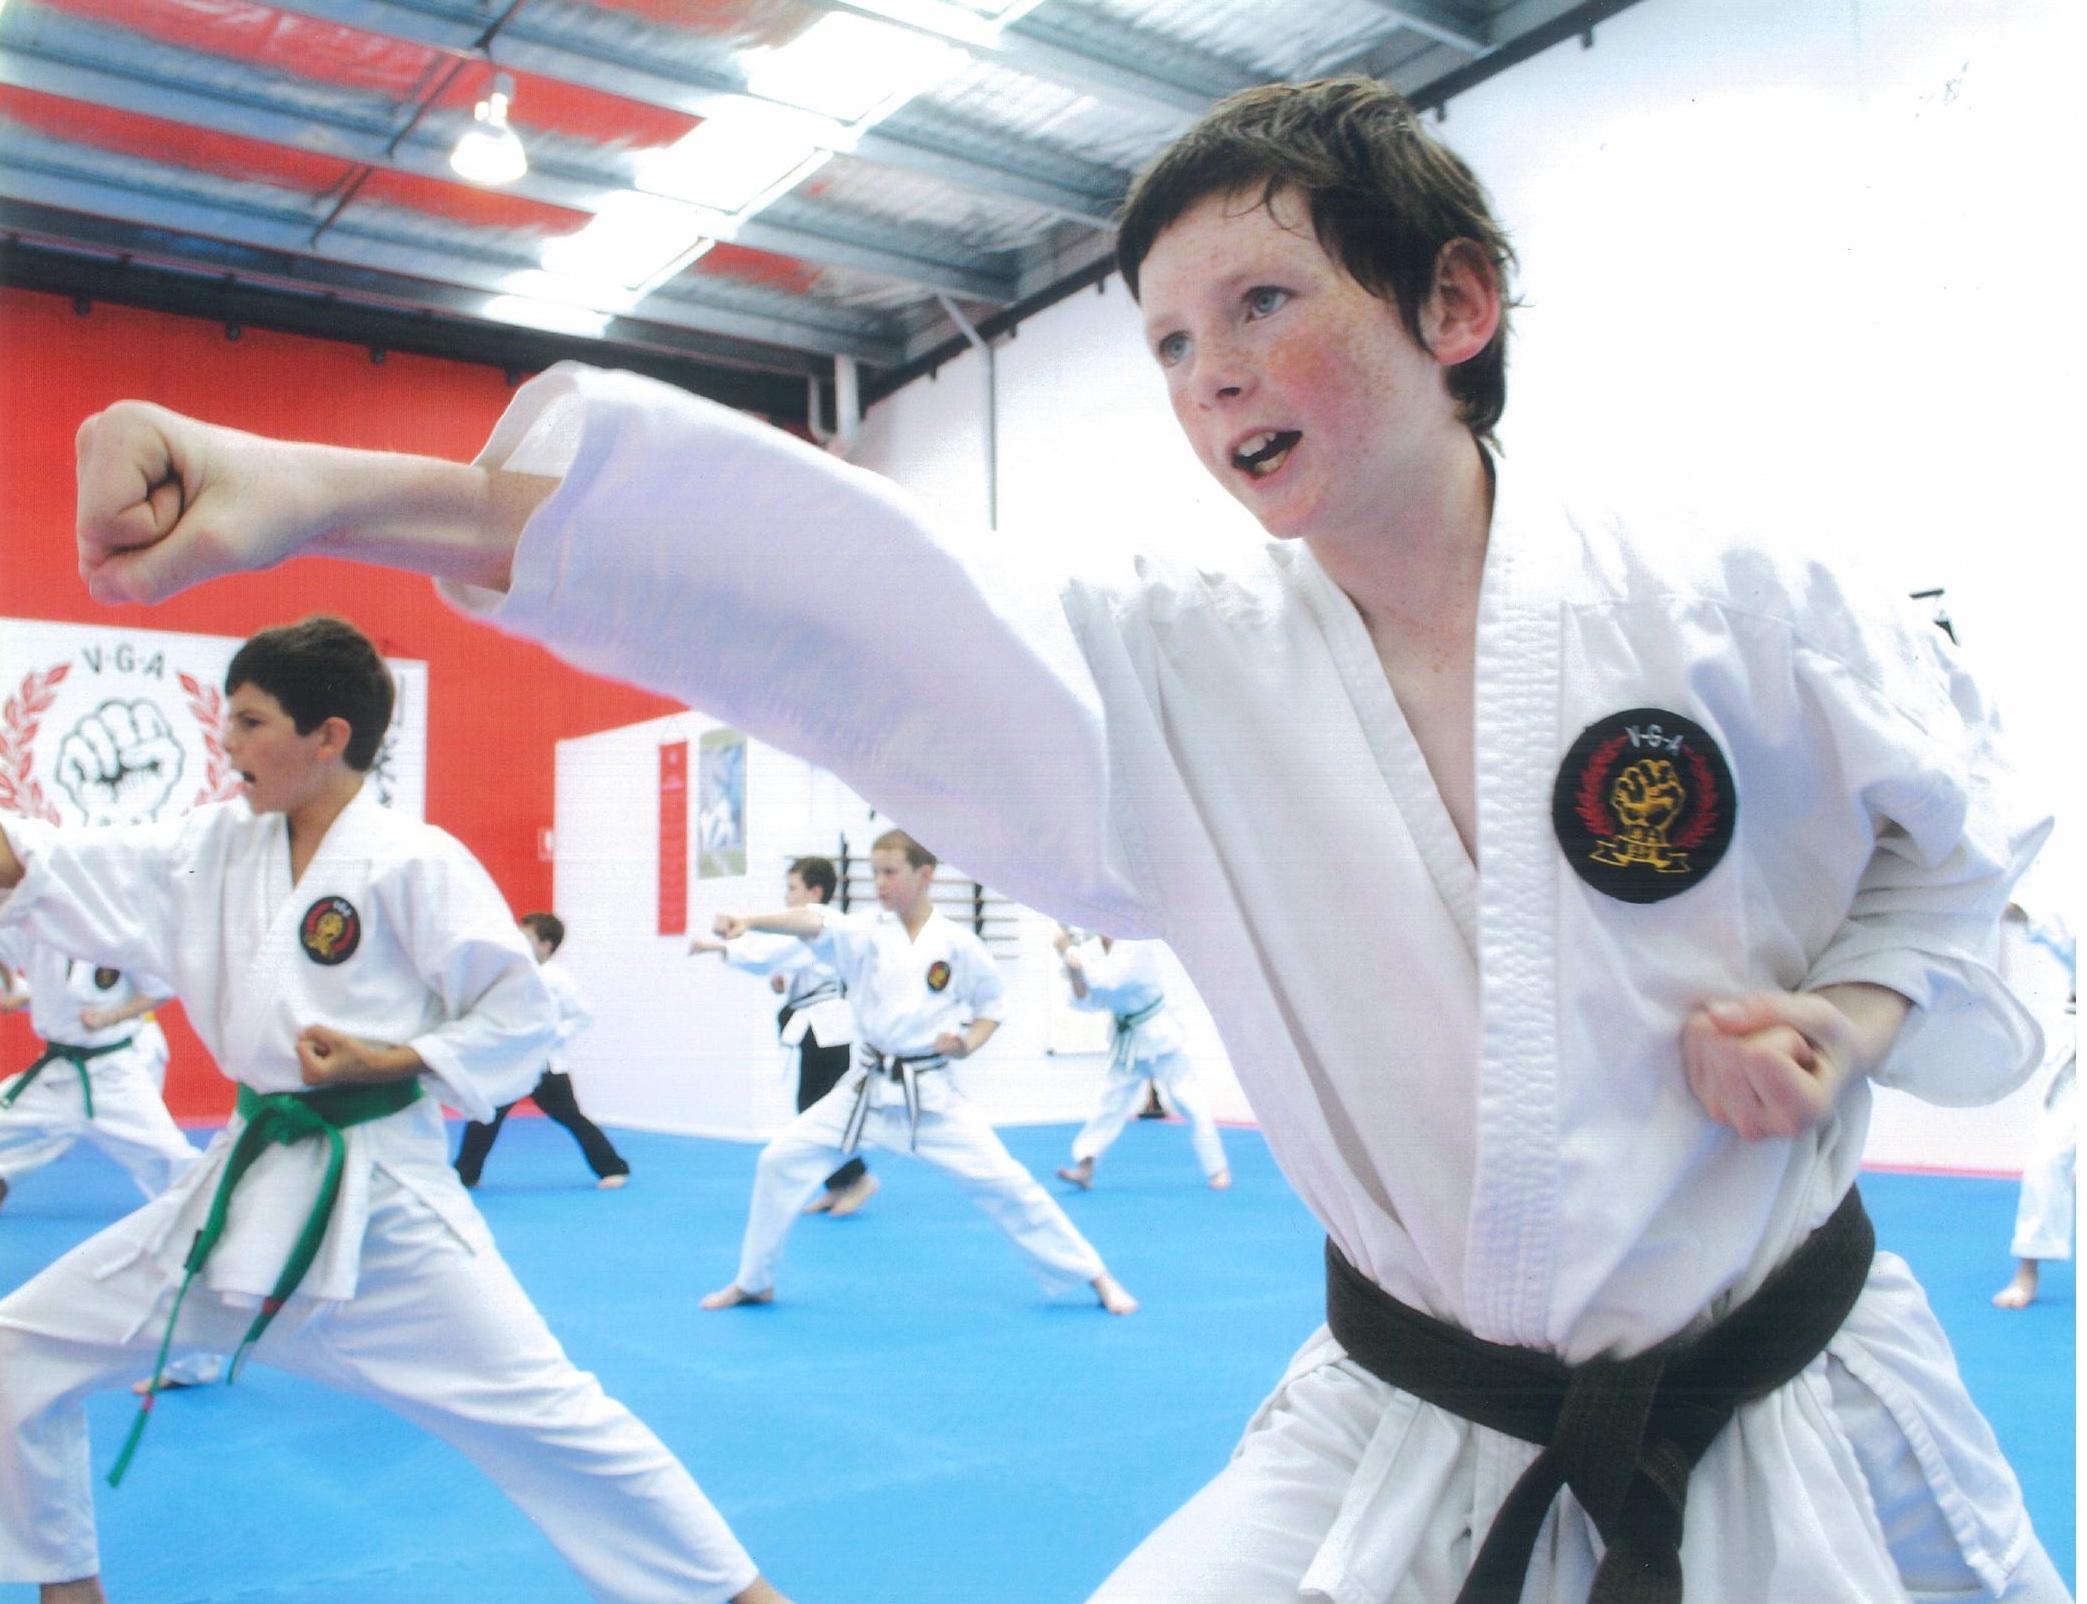 Children karate training 4